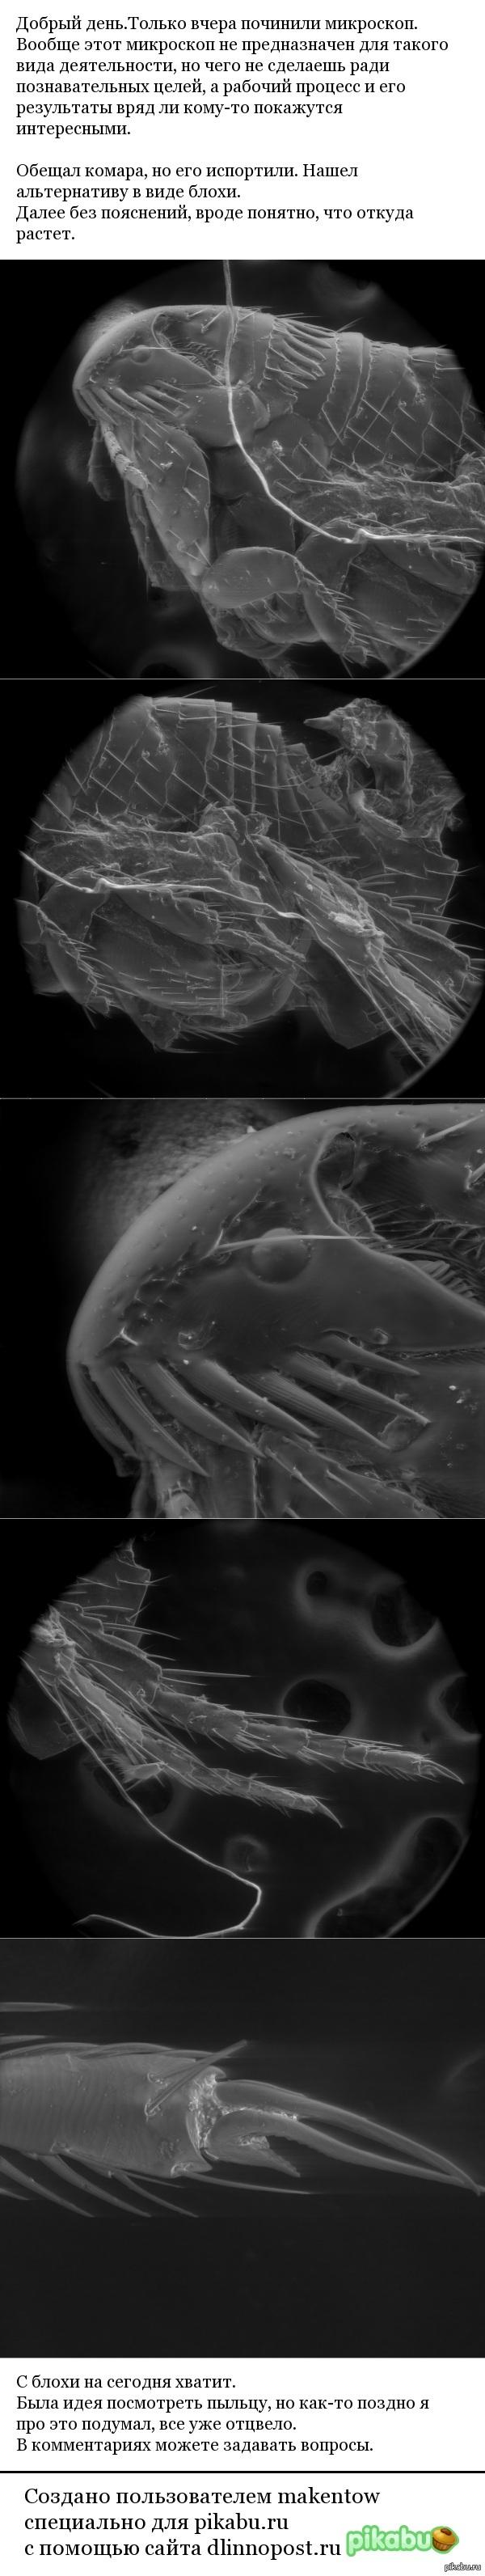 Блоха под микроскопом.